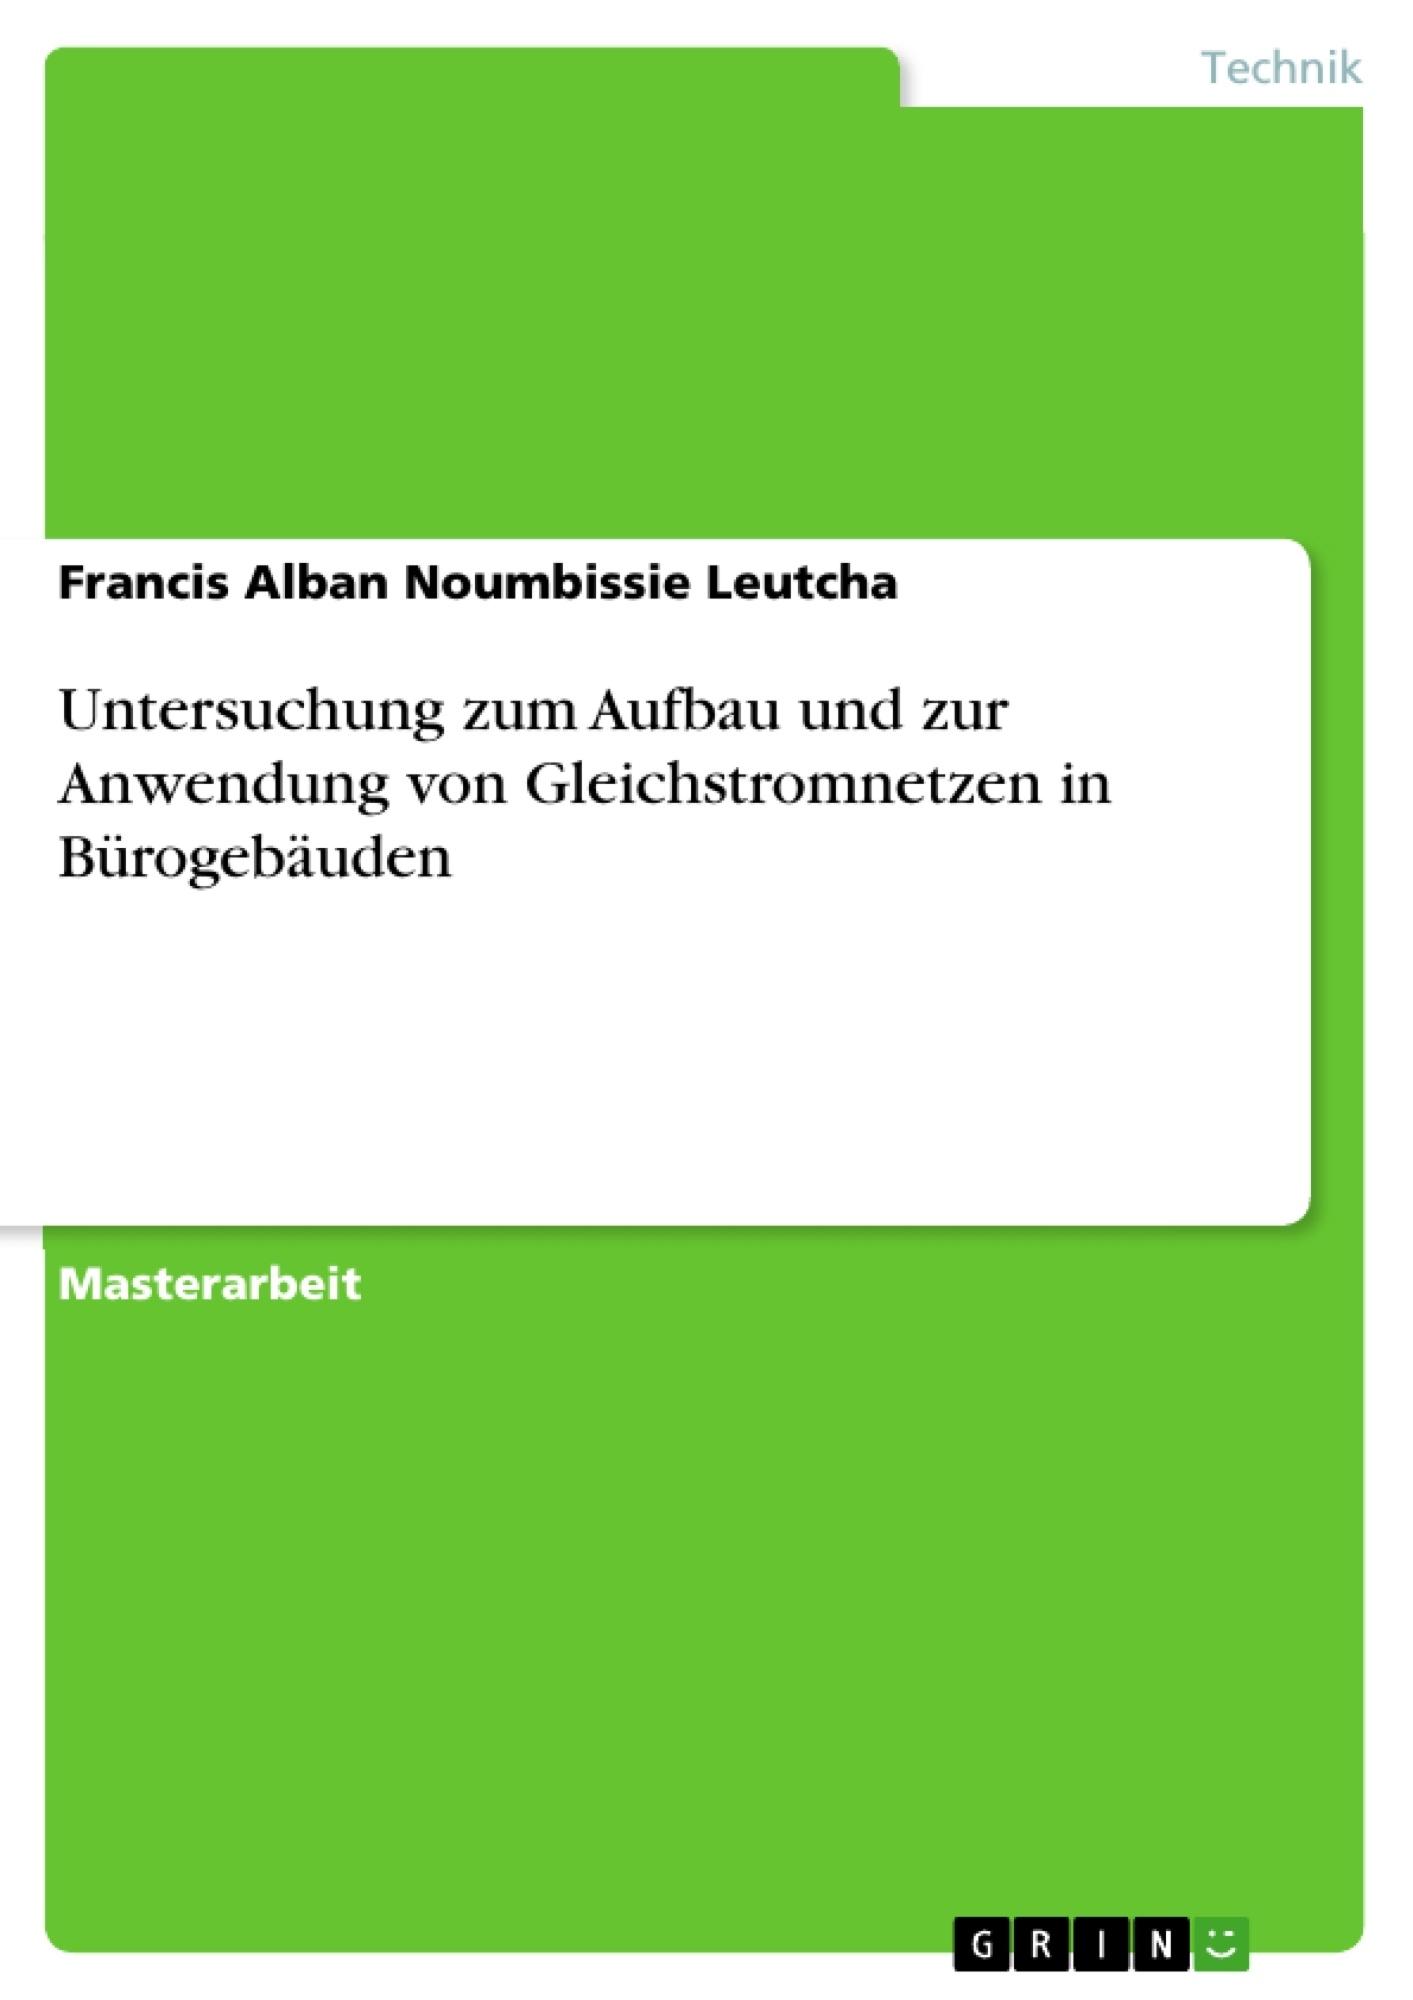 Titel: Untersuchung zum Aufbau und zur Anwendung von Gleichstromnetzen in Bürogebäuden